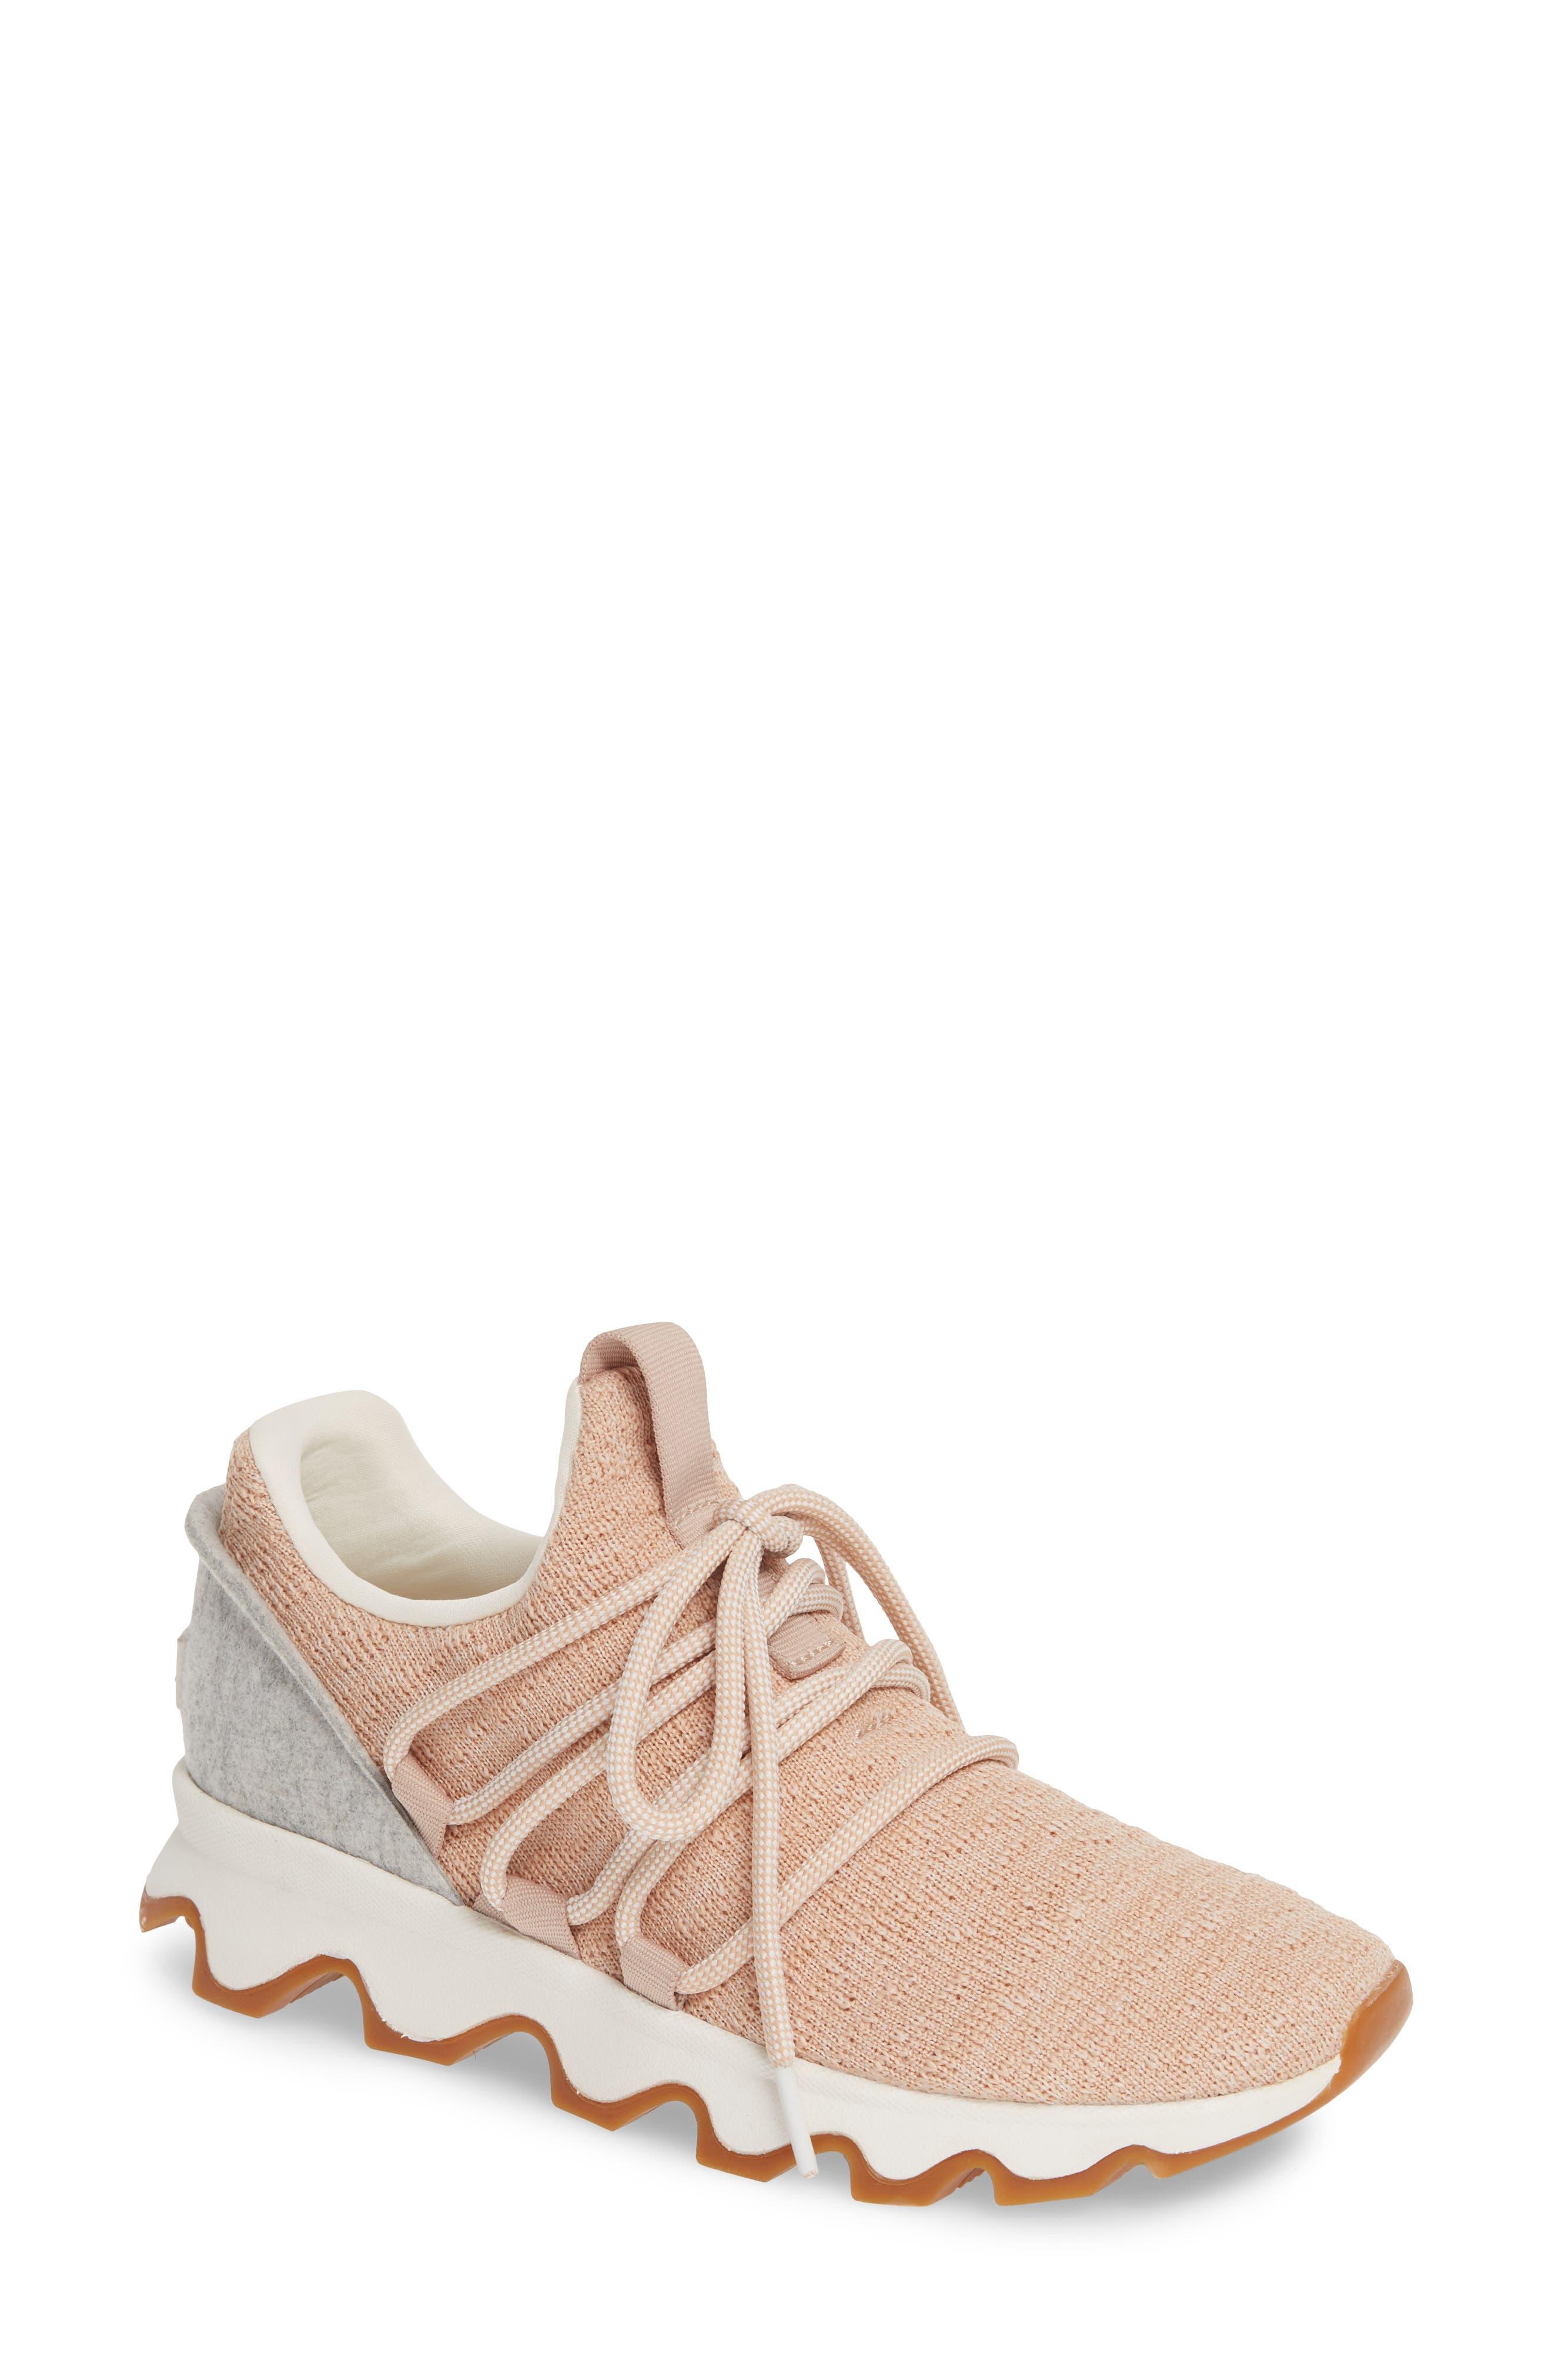 Sorel Kinetic Lace Knit Sneaker